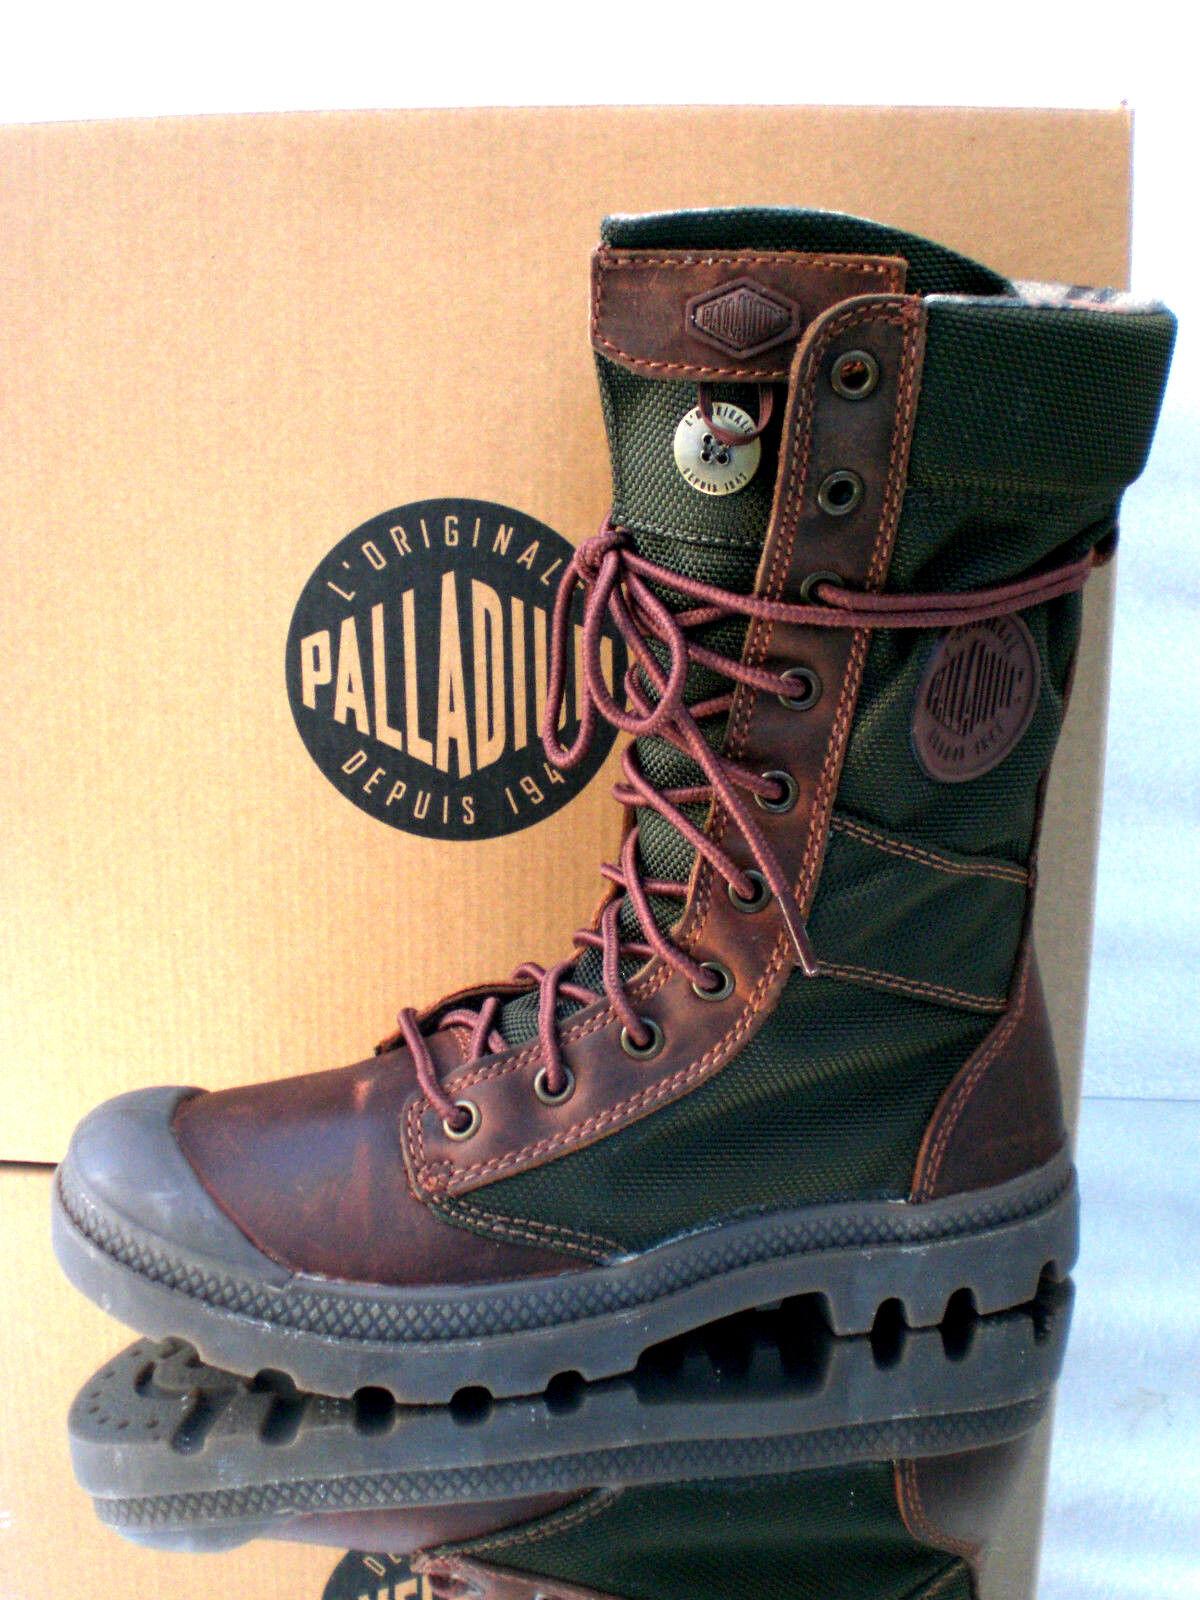 Palladium 92604203 señora invierno bote de cuero marrón Olive talla 39 UK 5,5 us7, 5 nuevo